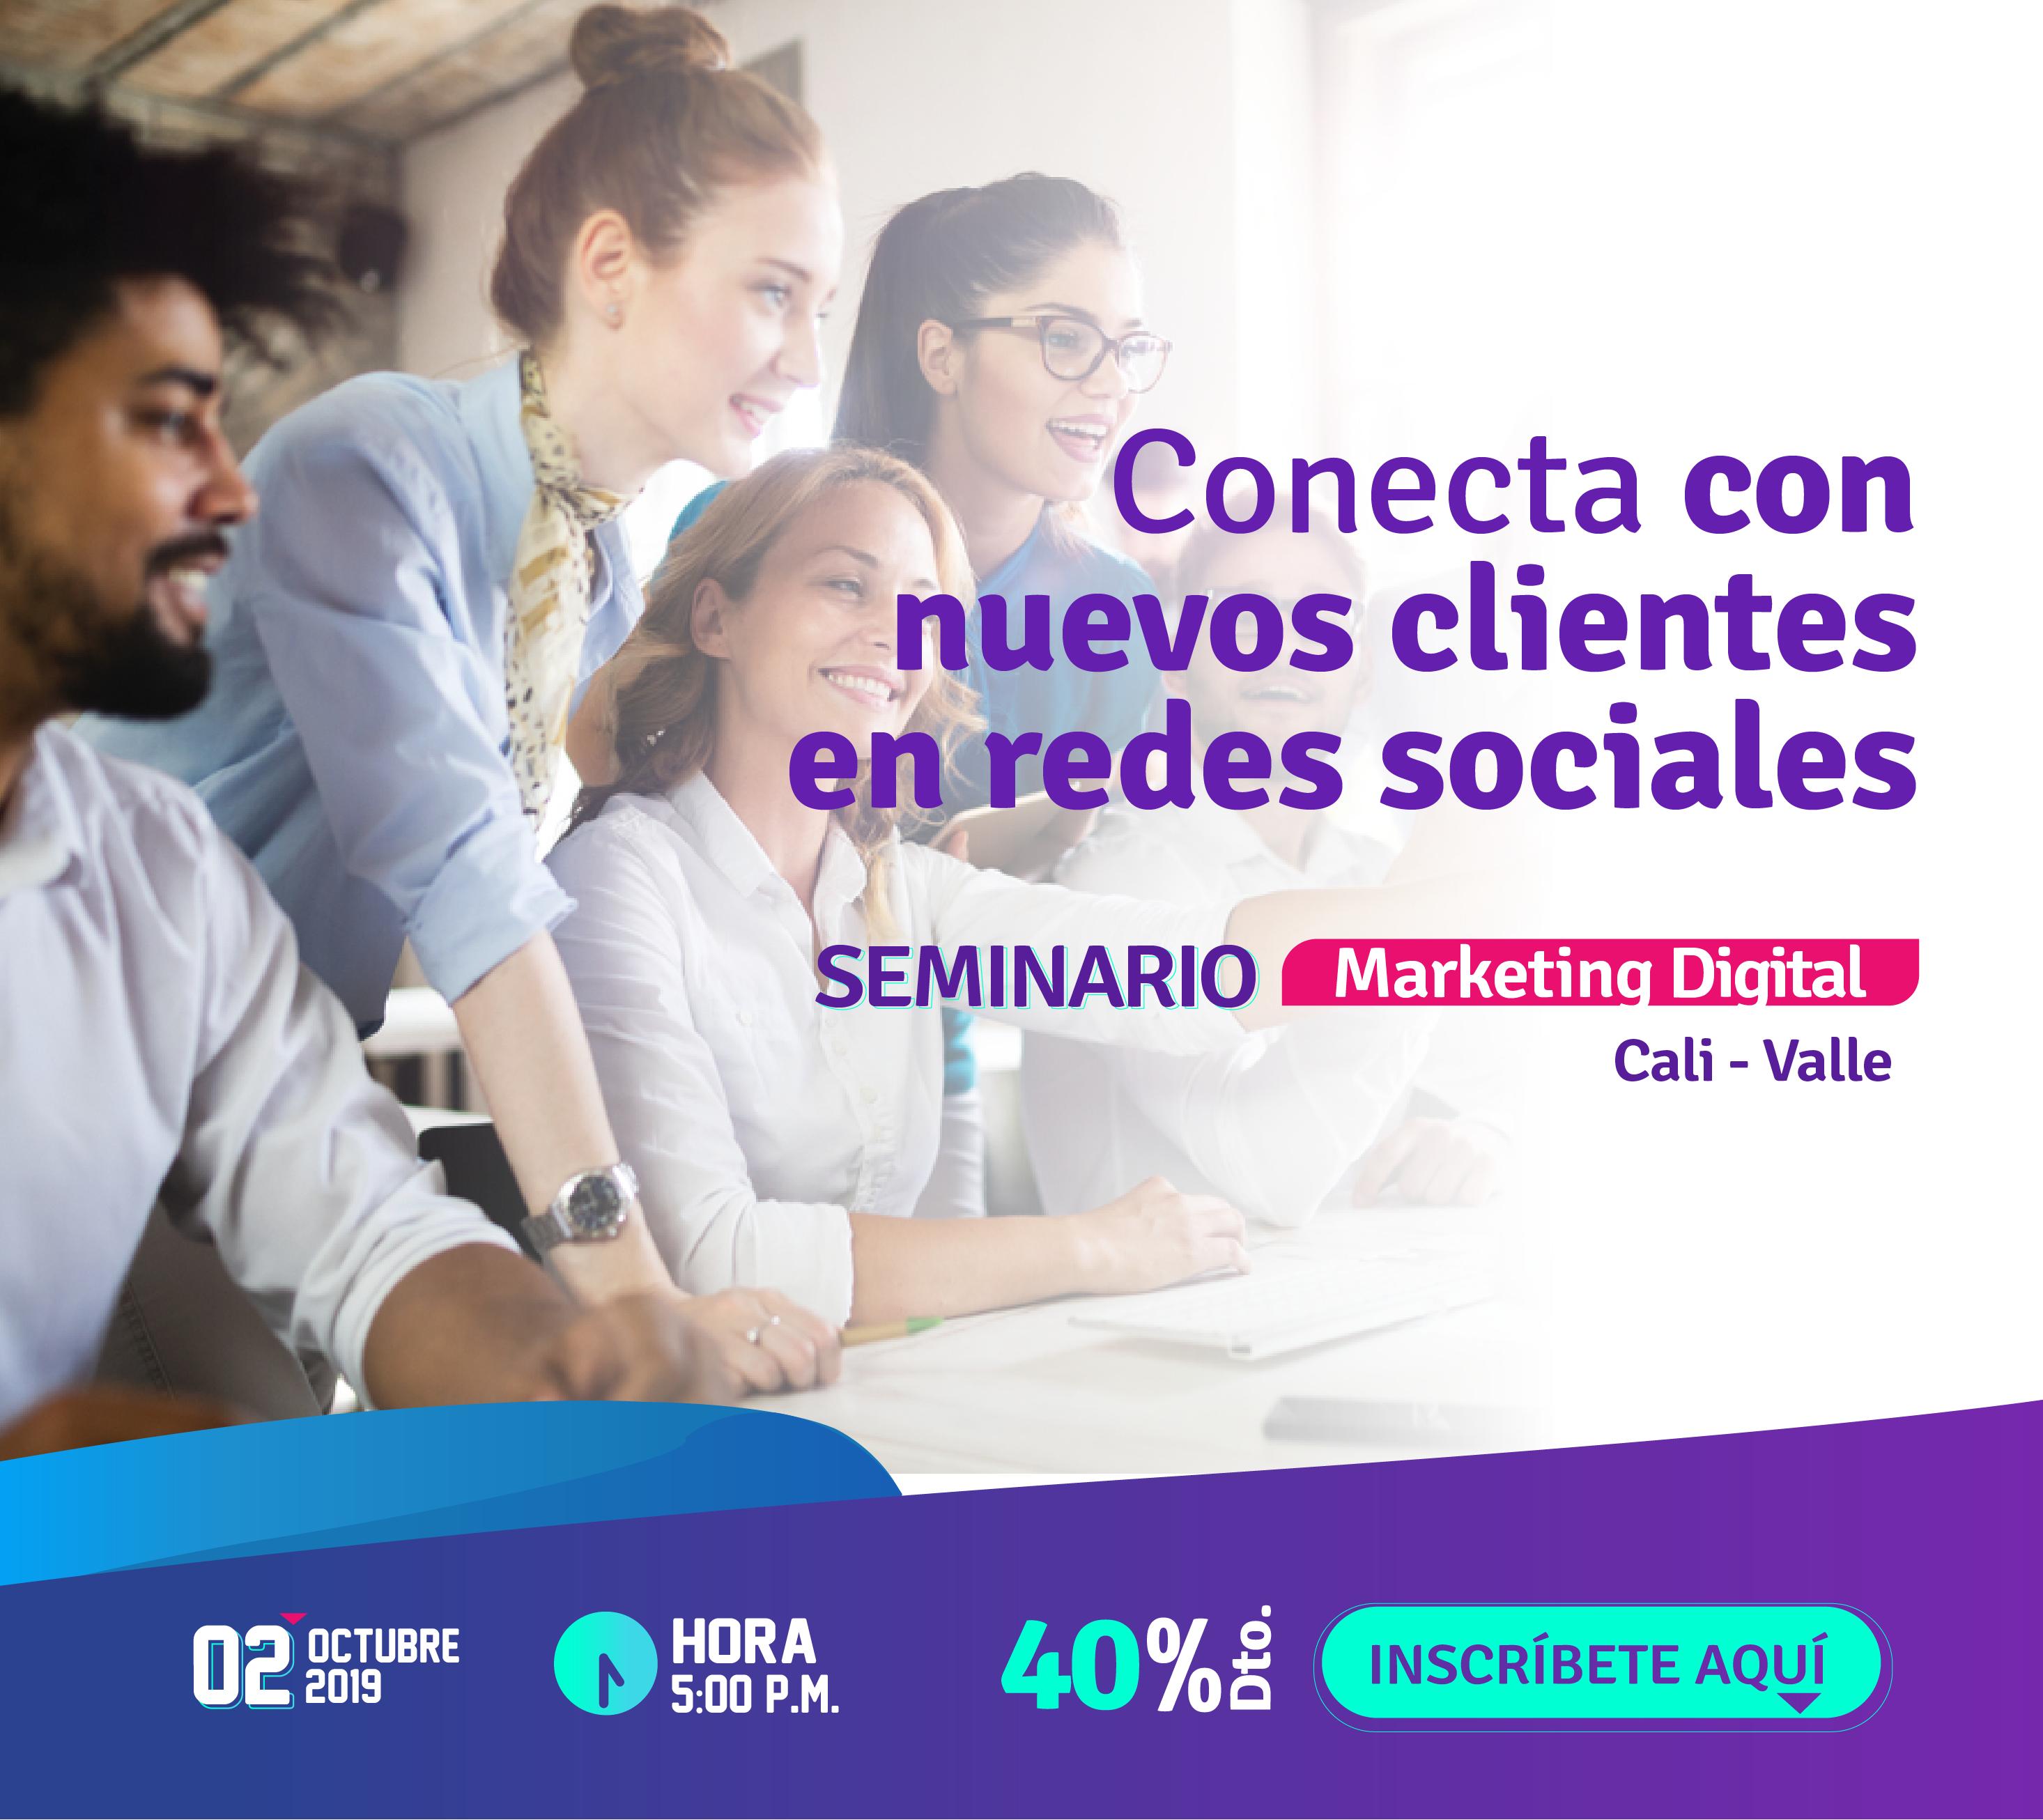 Sexto-Seminario-como-Conectar-Nuevos-Clientes-en-Redes-Sociales-Marketing-Digital-02